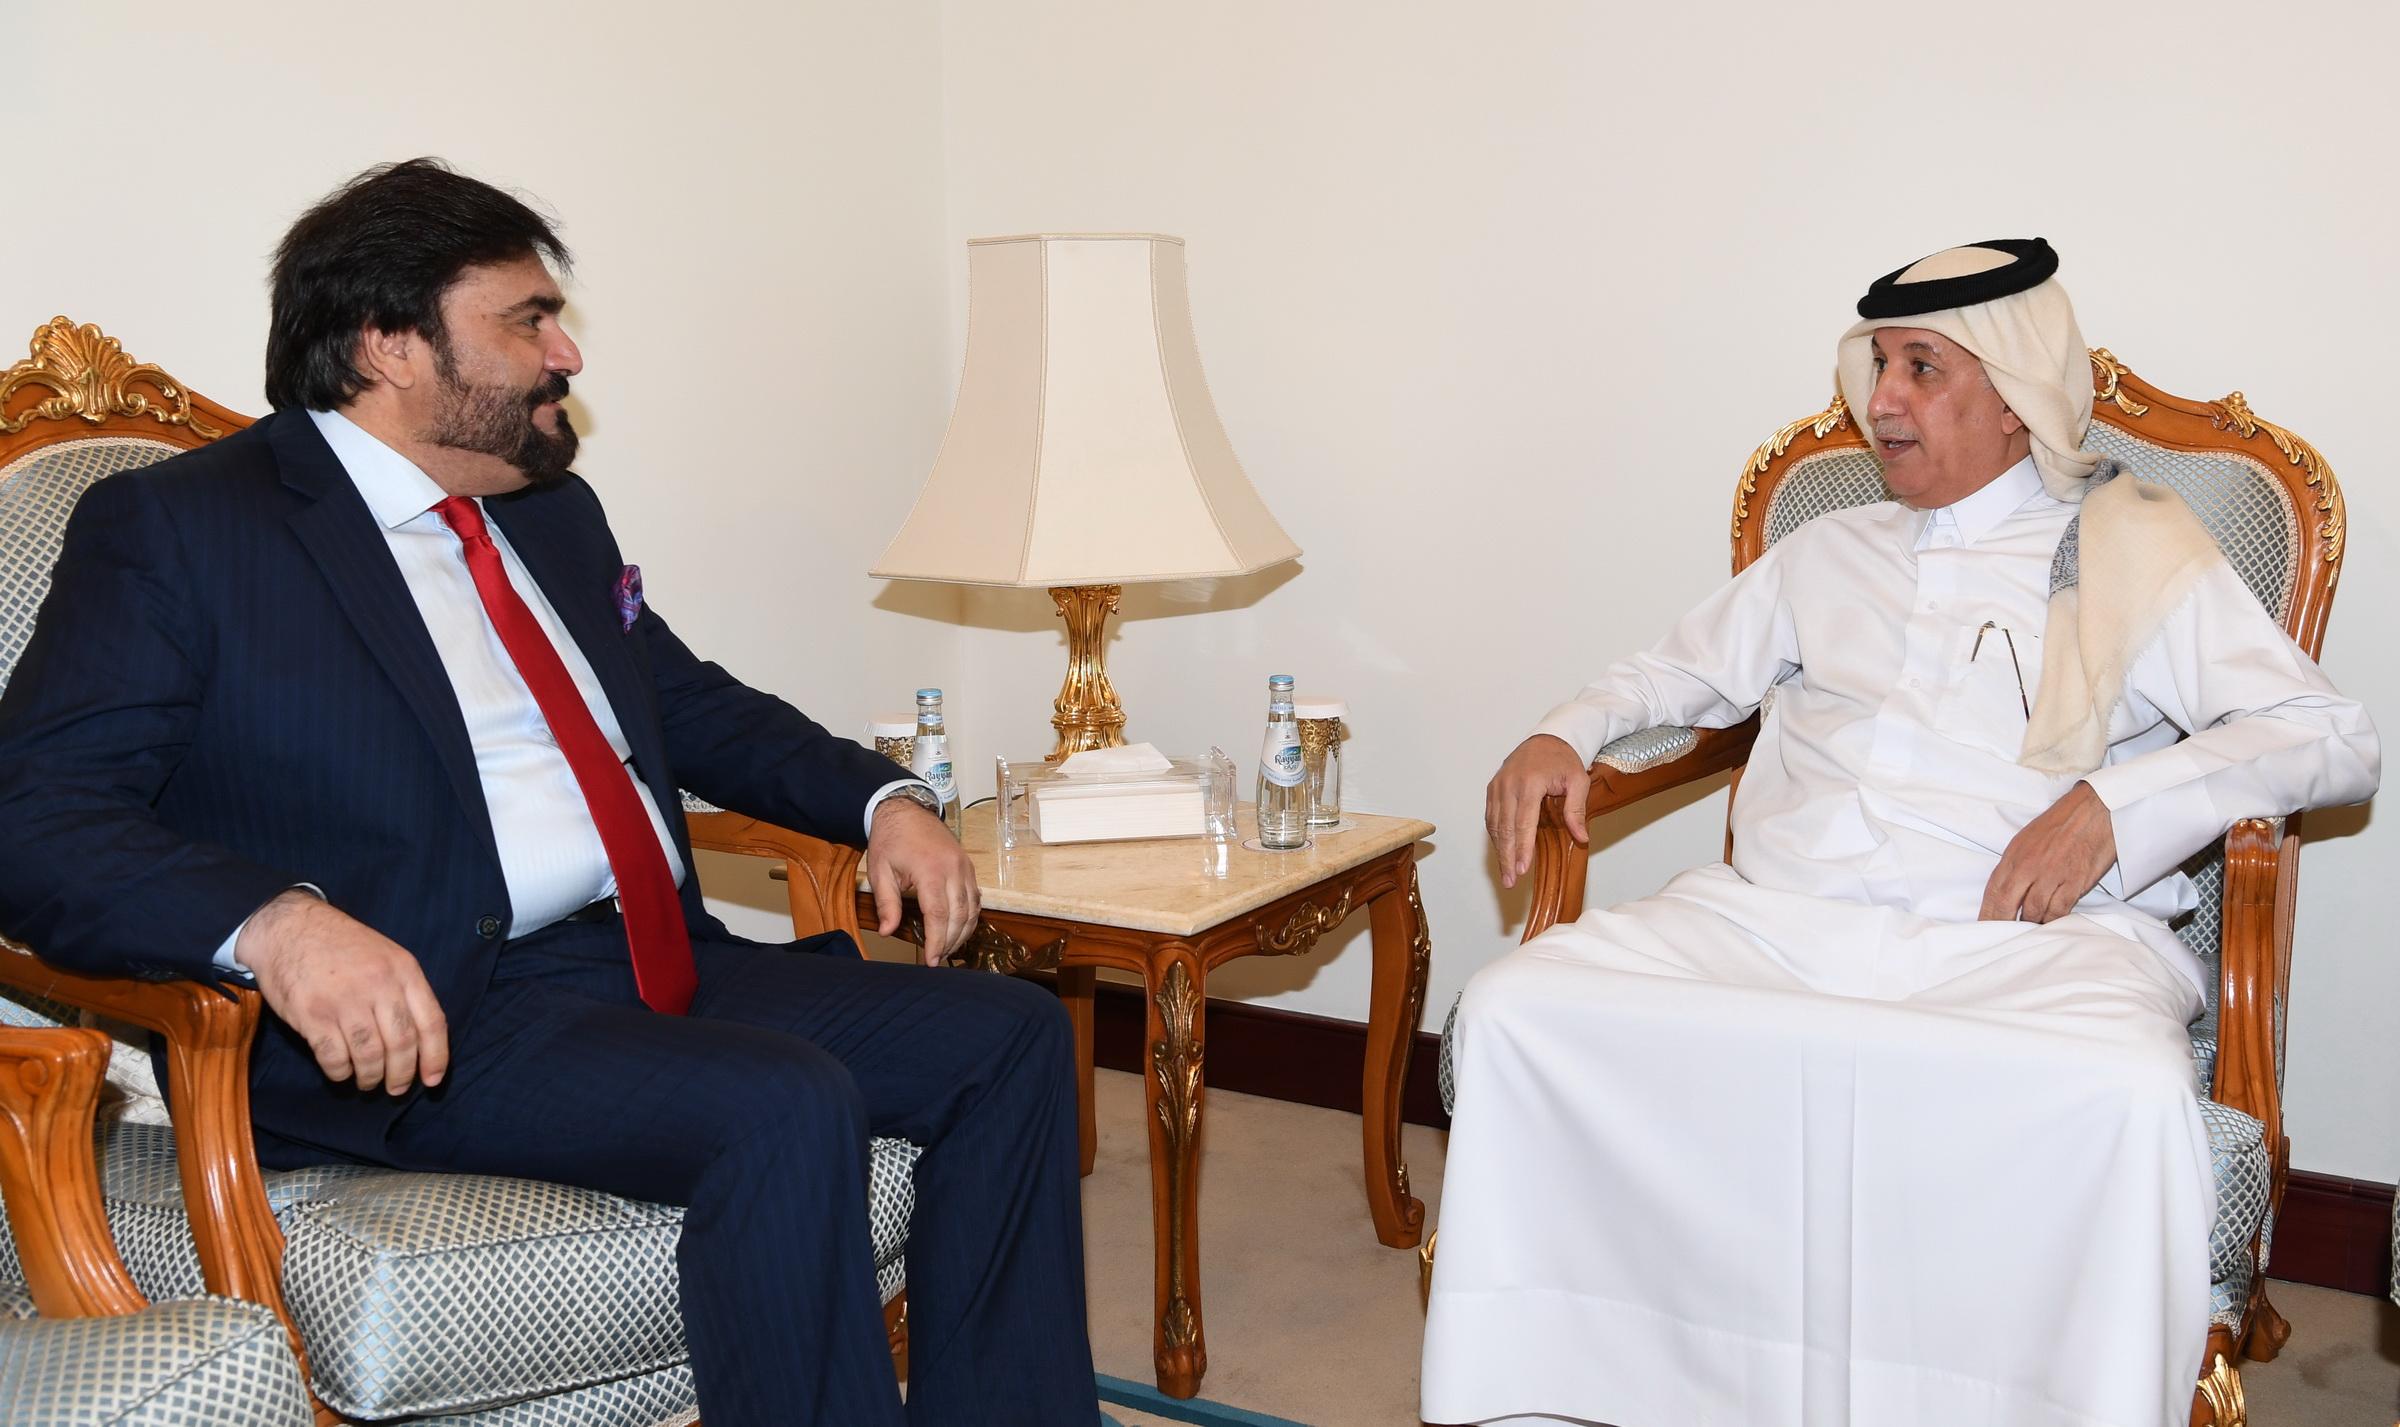 وزير الدولة للشؤون الخارجية يجتمع مع سفيري أفغانستان والصين